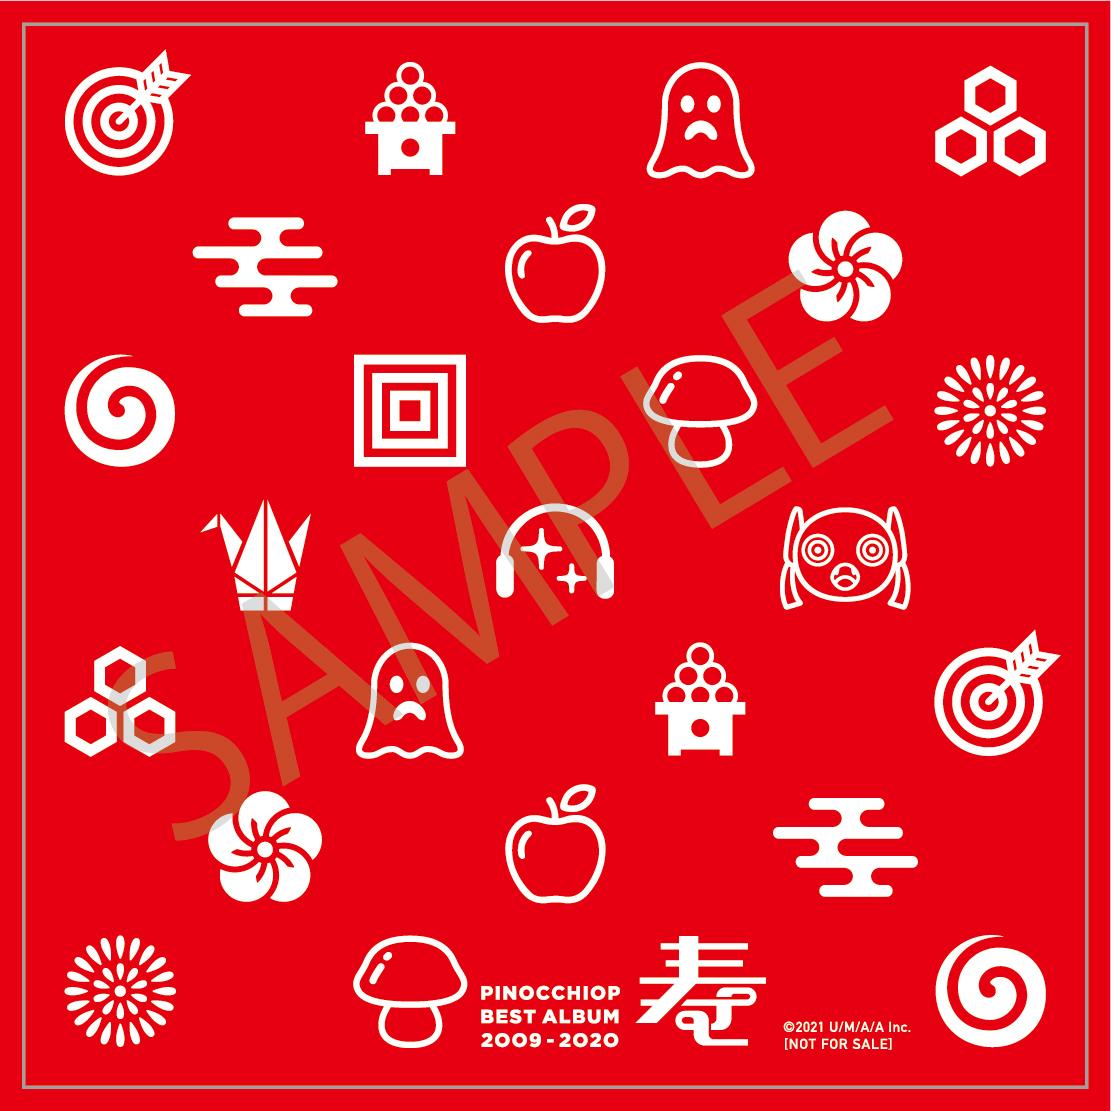 ピノキオピー - PINOCCHIOP BEST ALBUM 2009-2020 寿 - 画像3